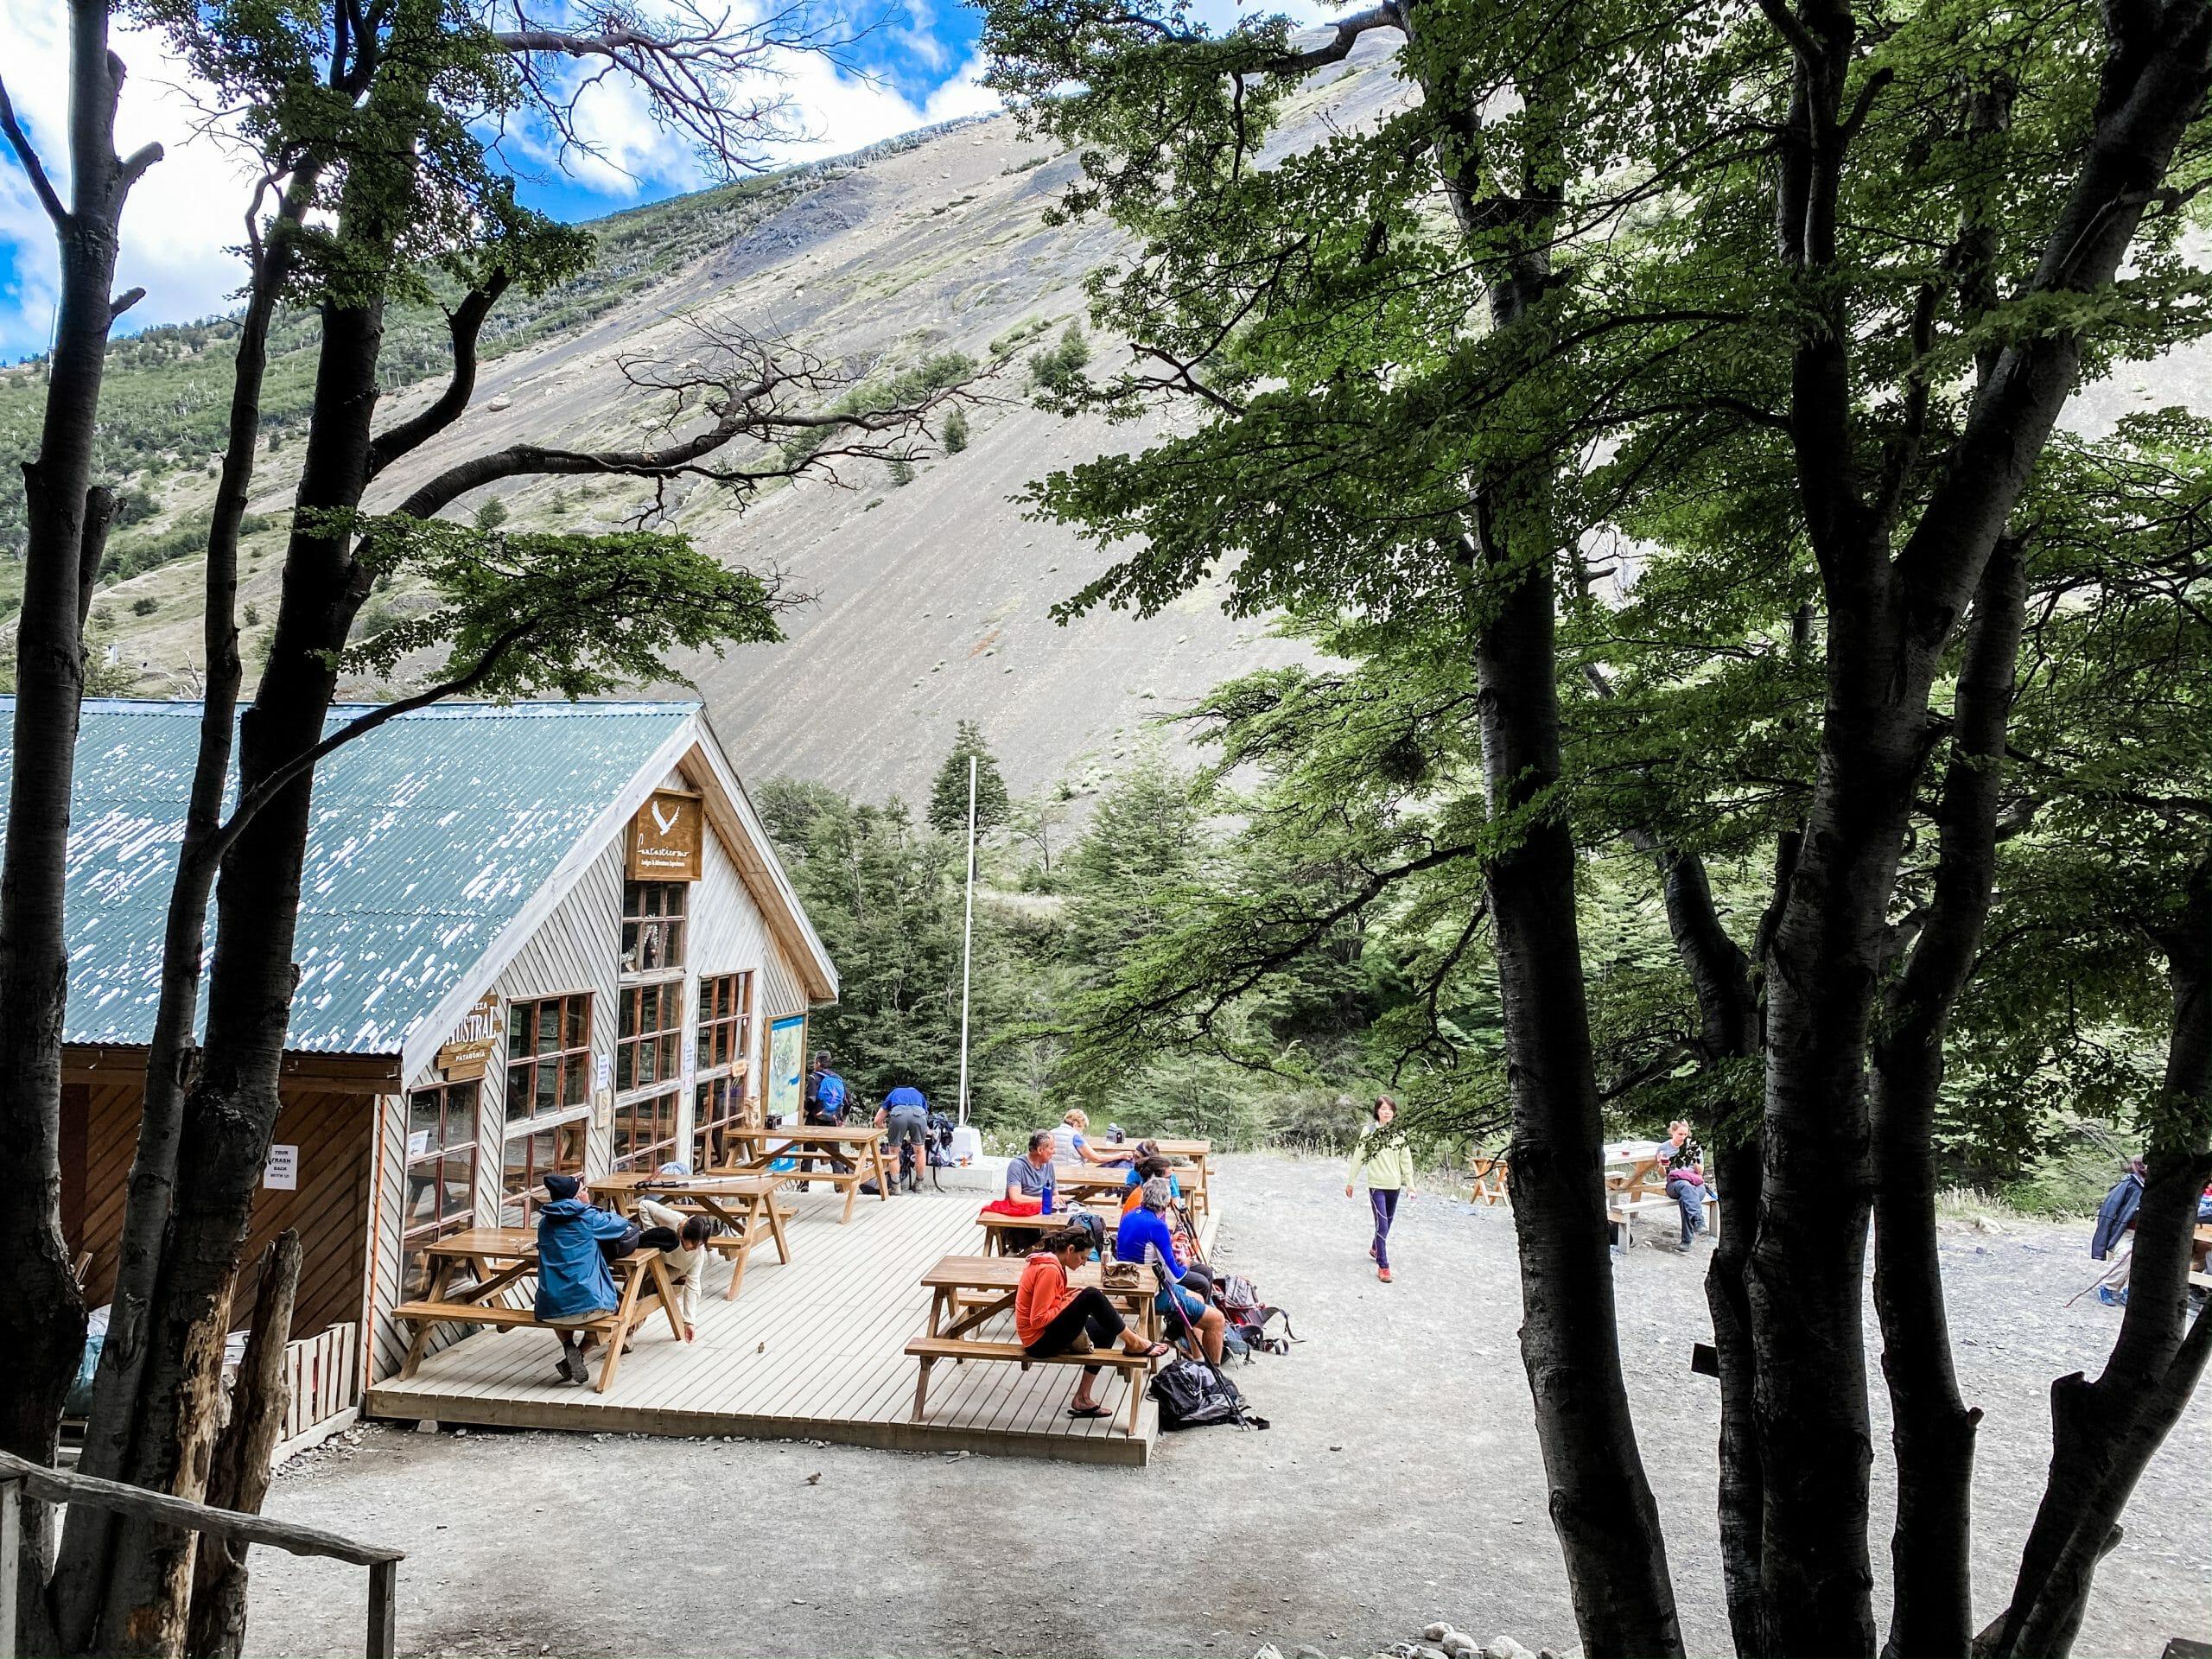 El Chileno Campsite